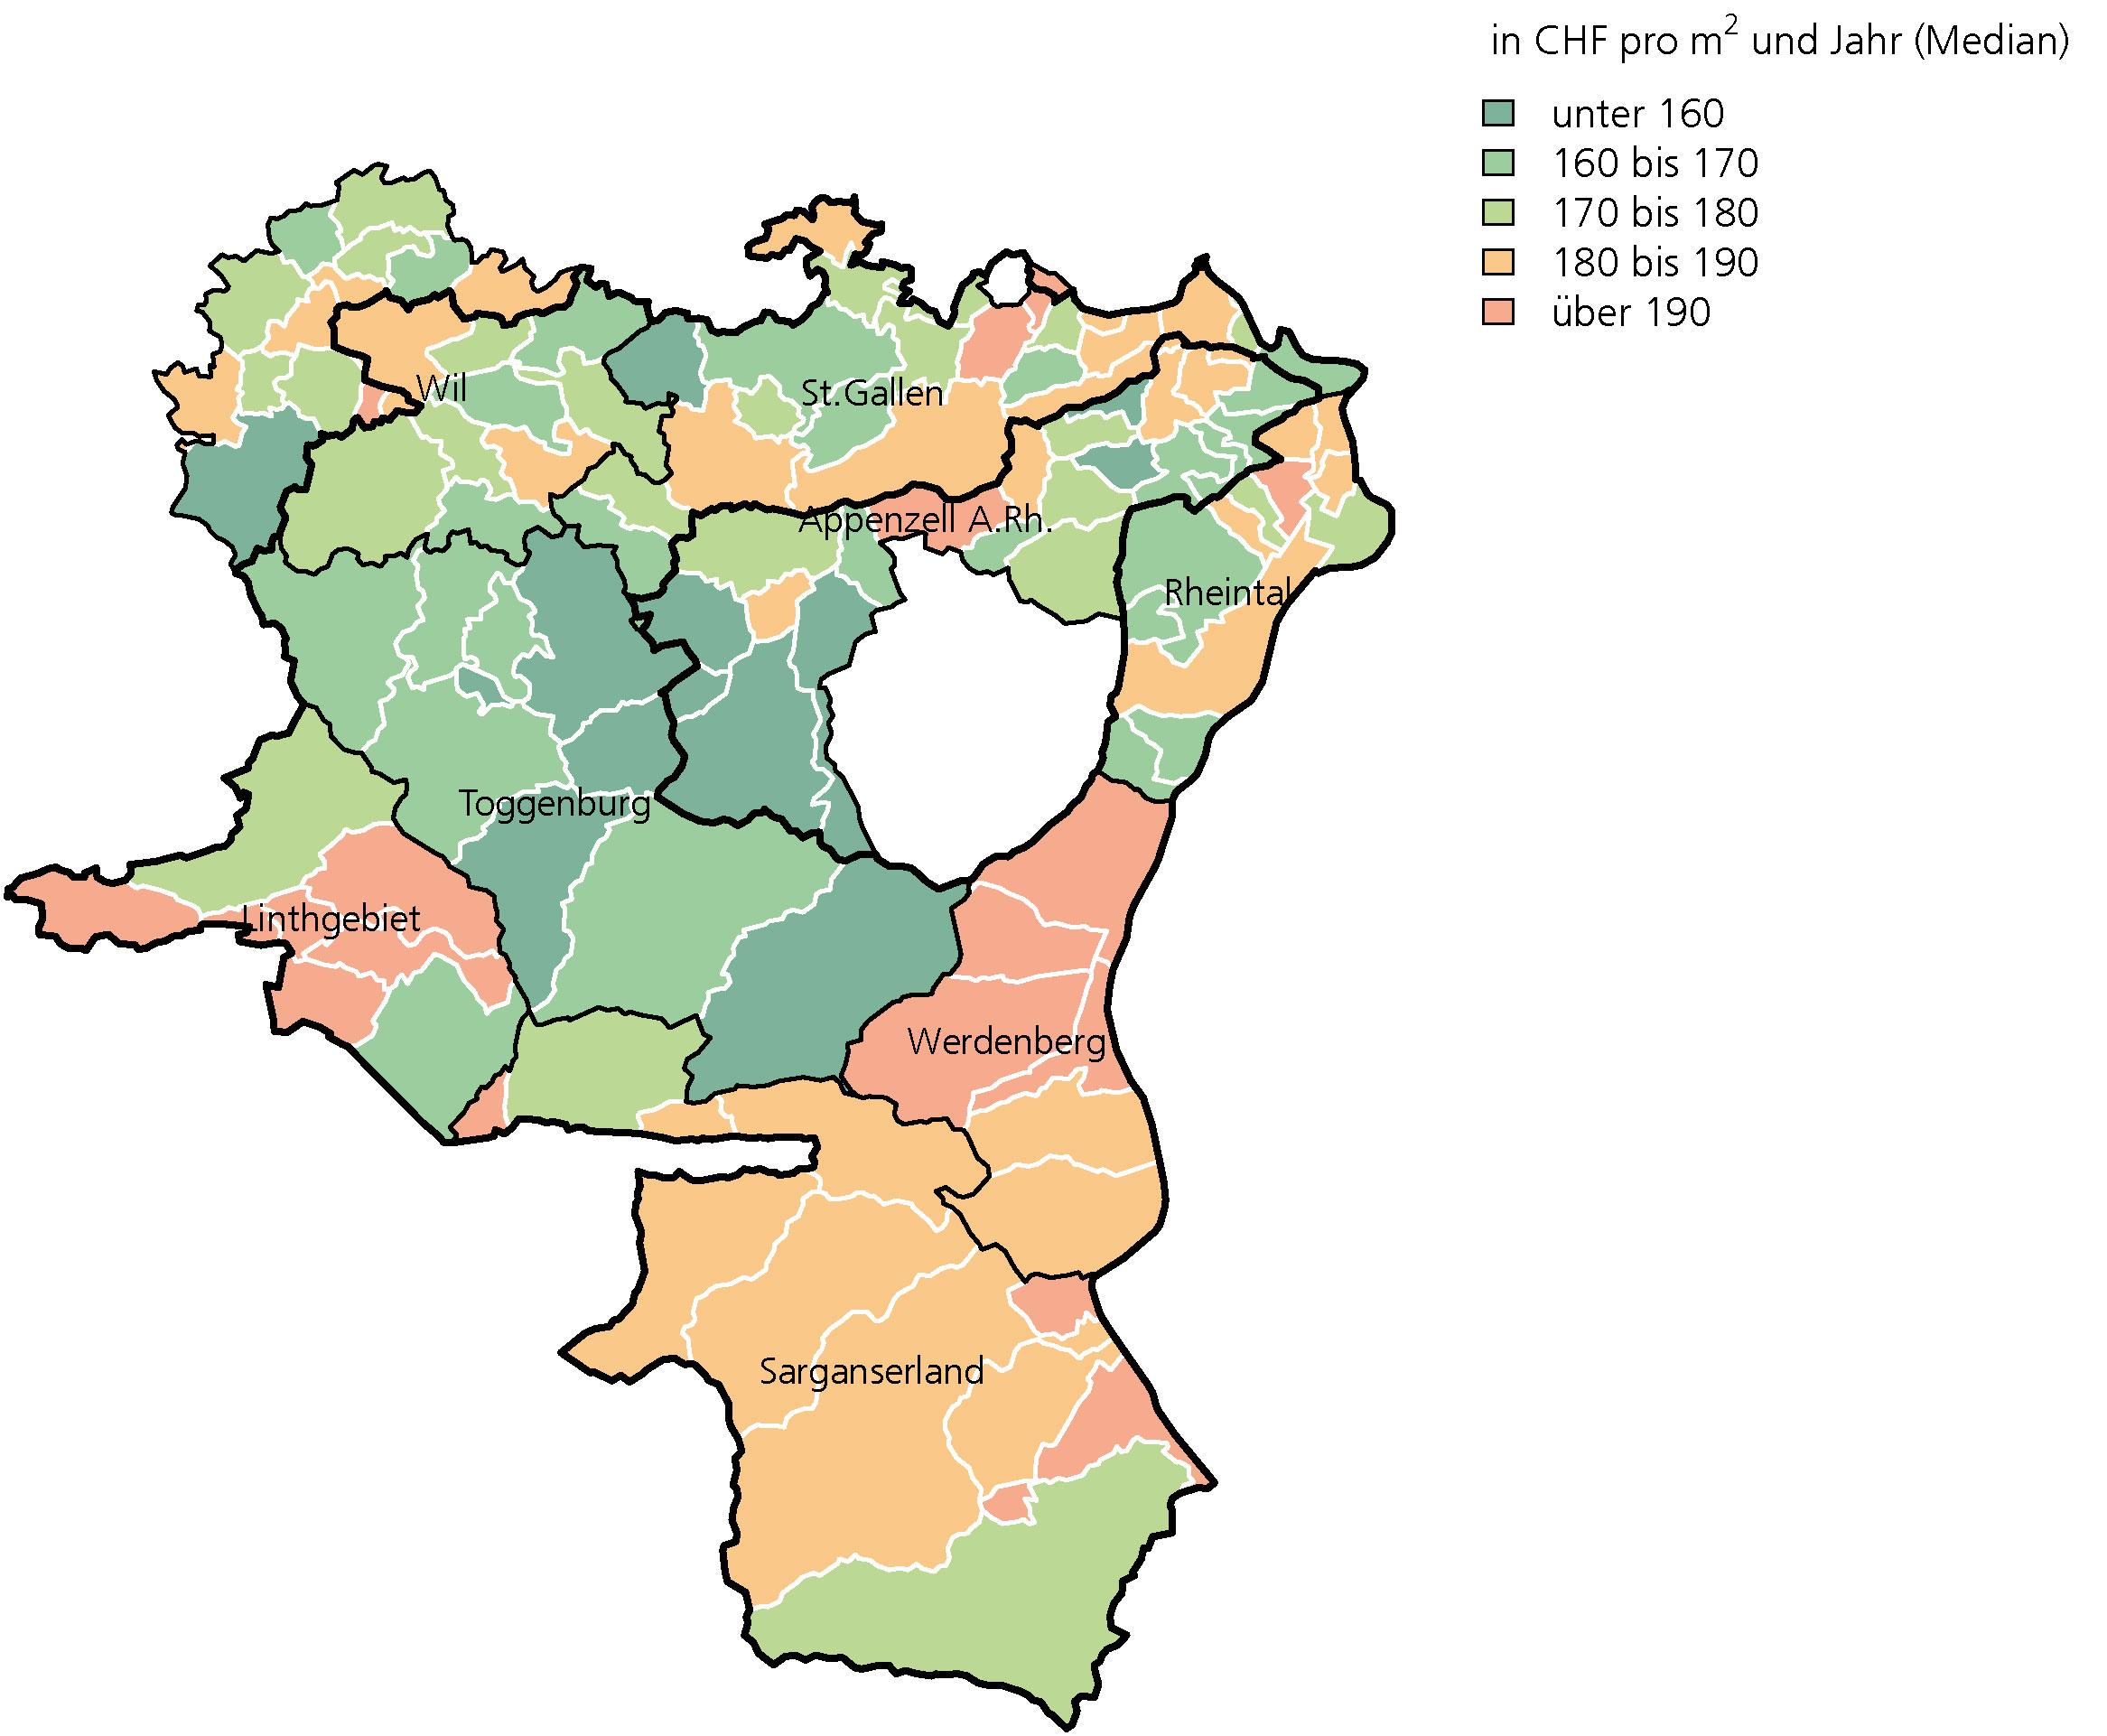 Preislandschaft Wohnungsmieten